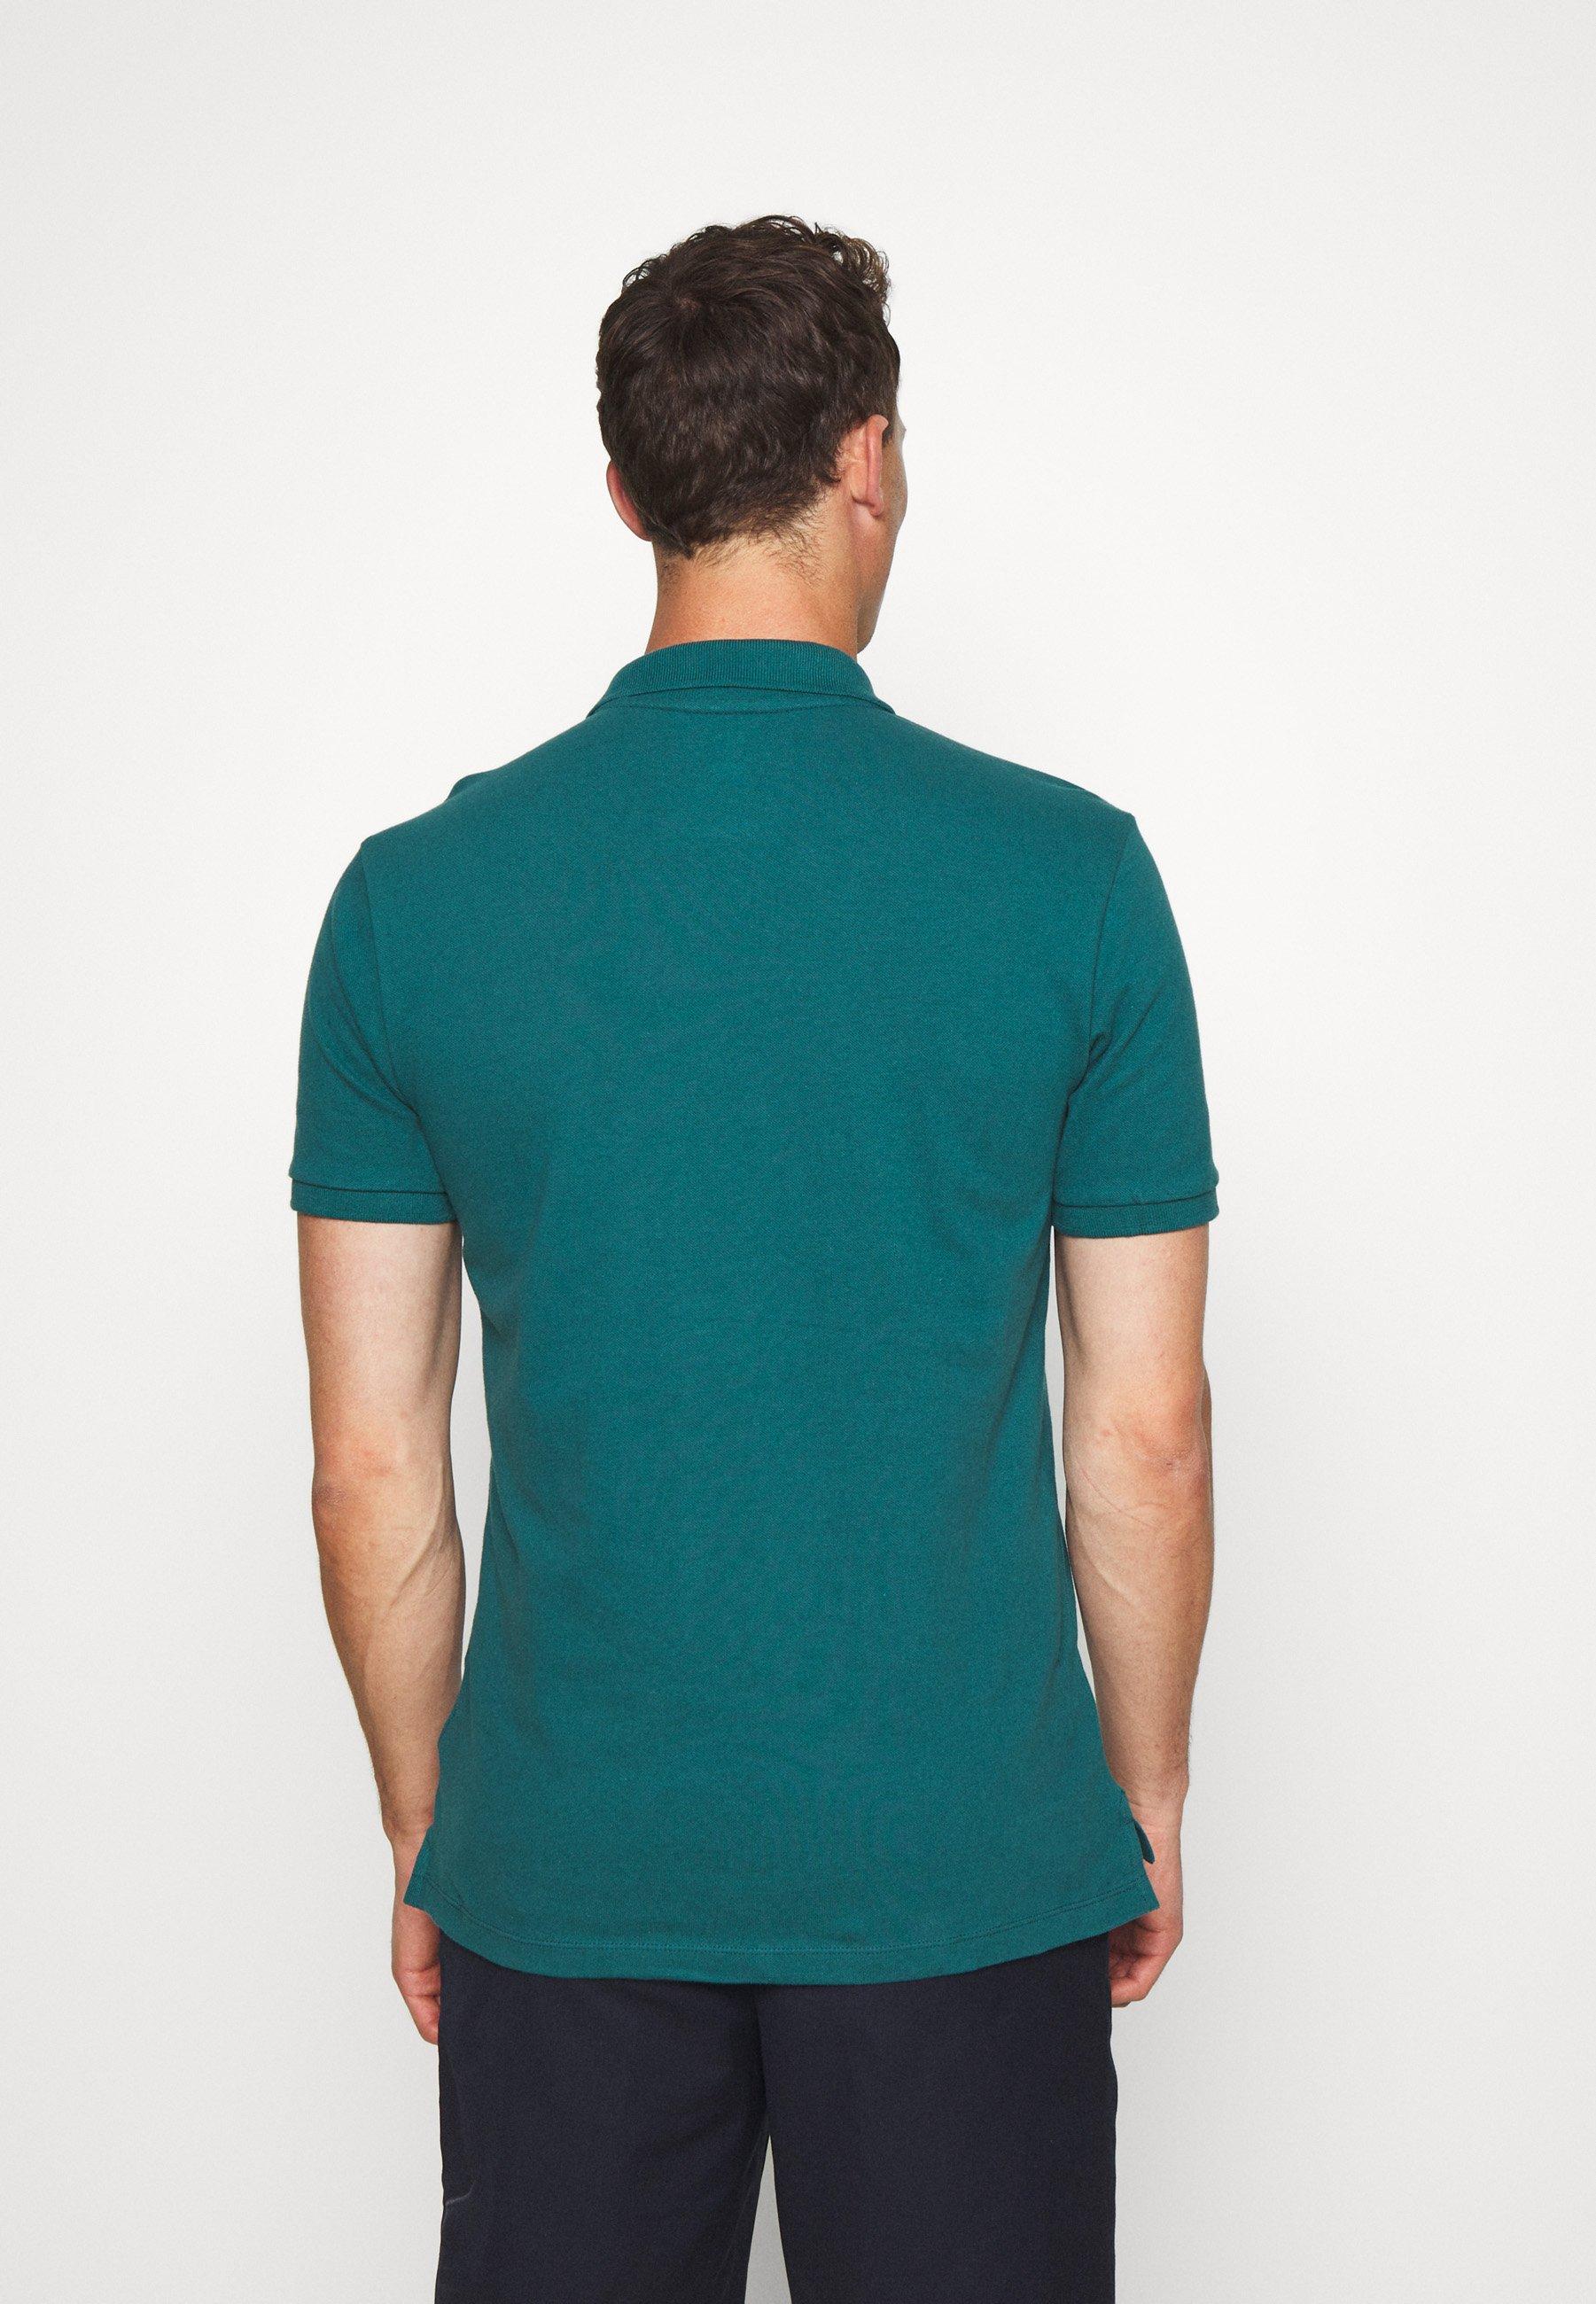 GAP SOLID - Polo shirt - velvet teal jV6Zu